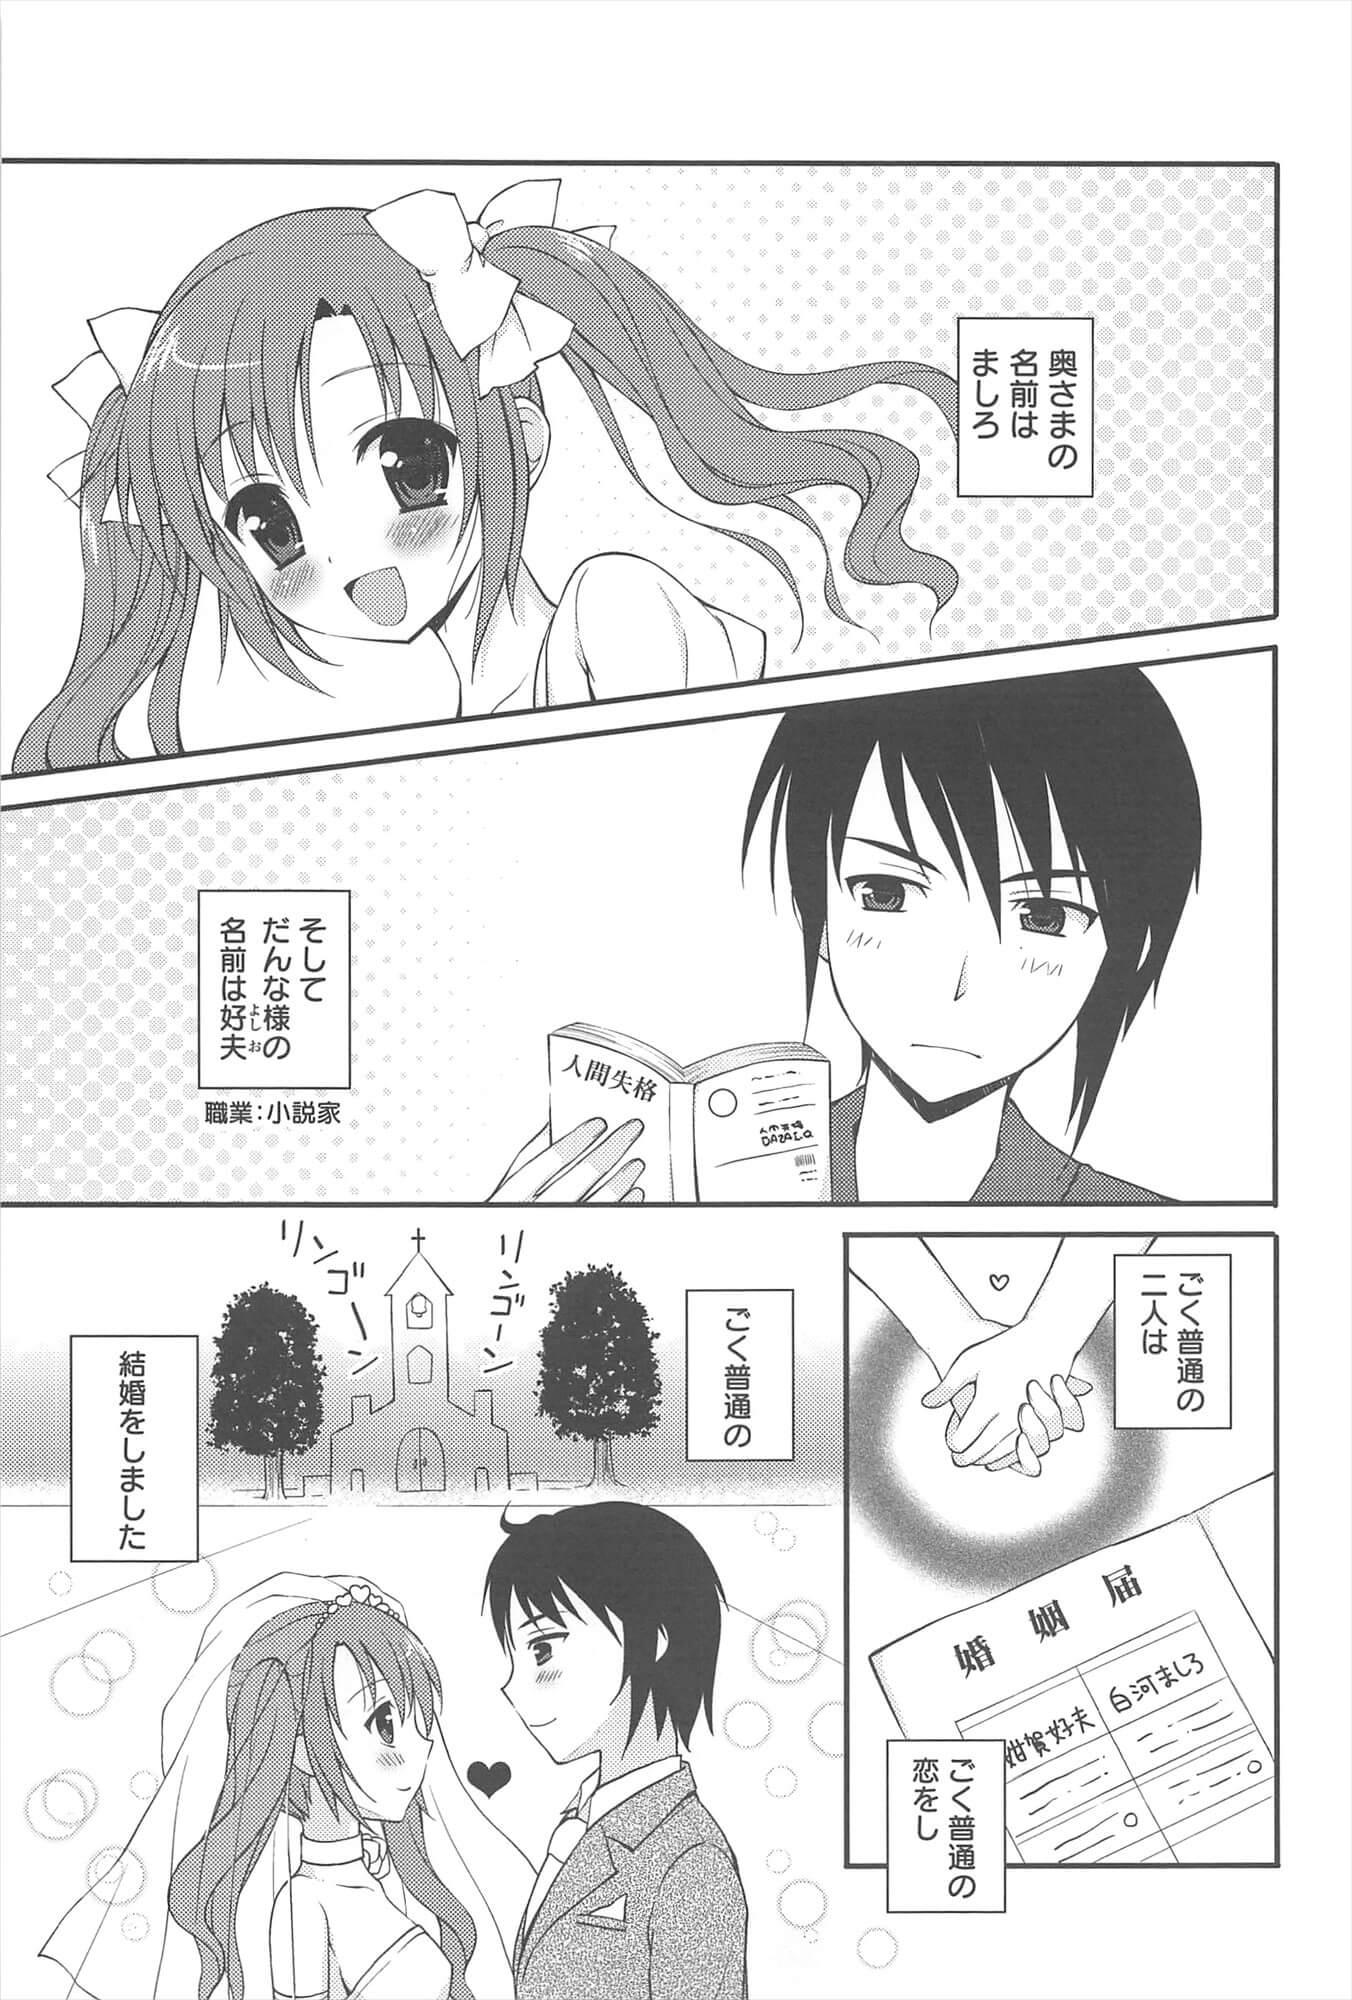 巨乳フタナリお姉さん系美人がショタに授乳手コキしてイカセまくるwww【エロ漫画・エロ同人】